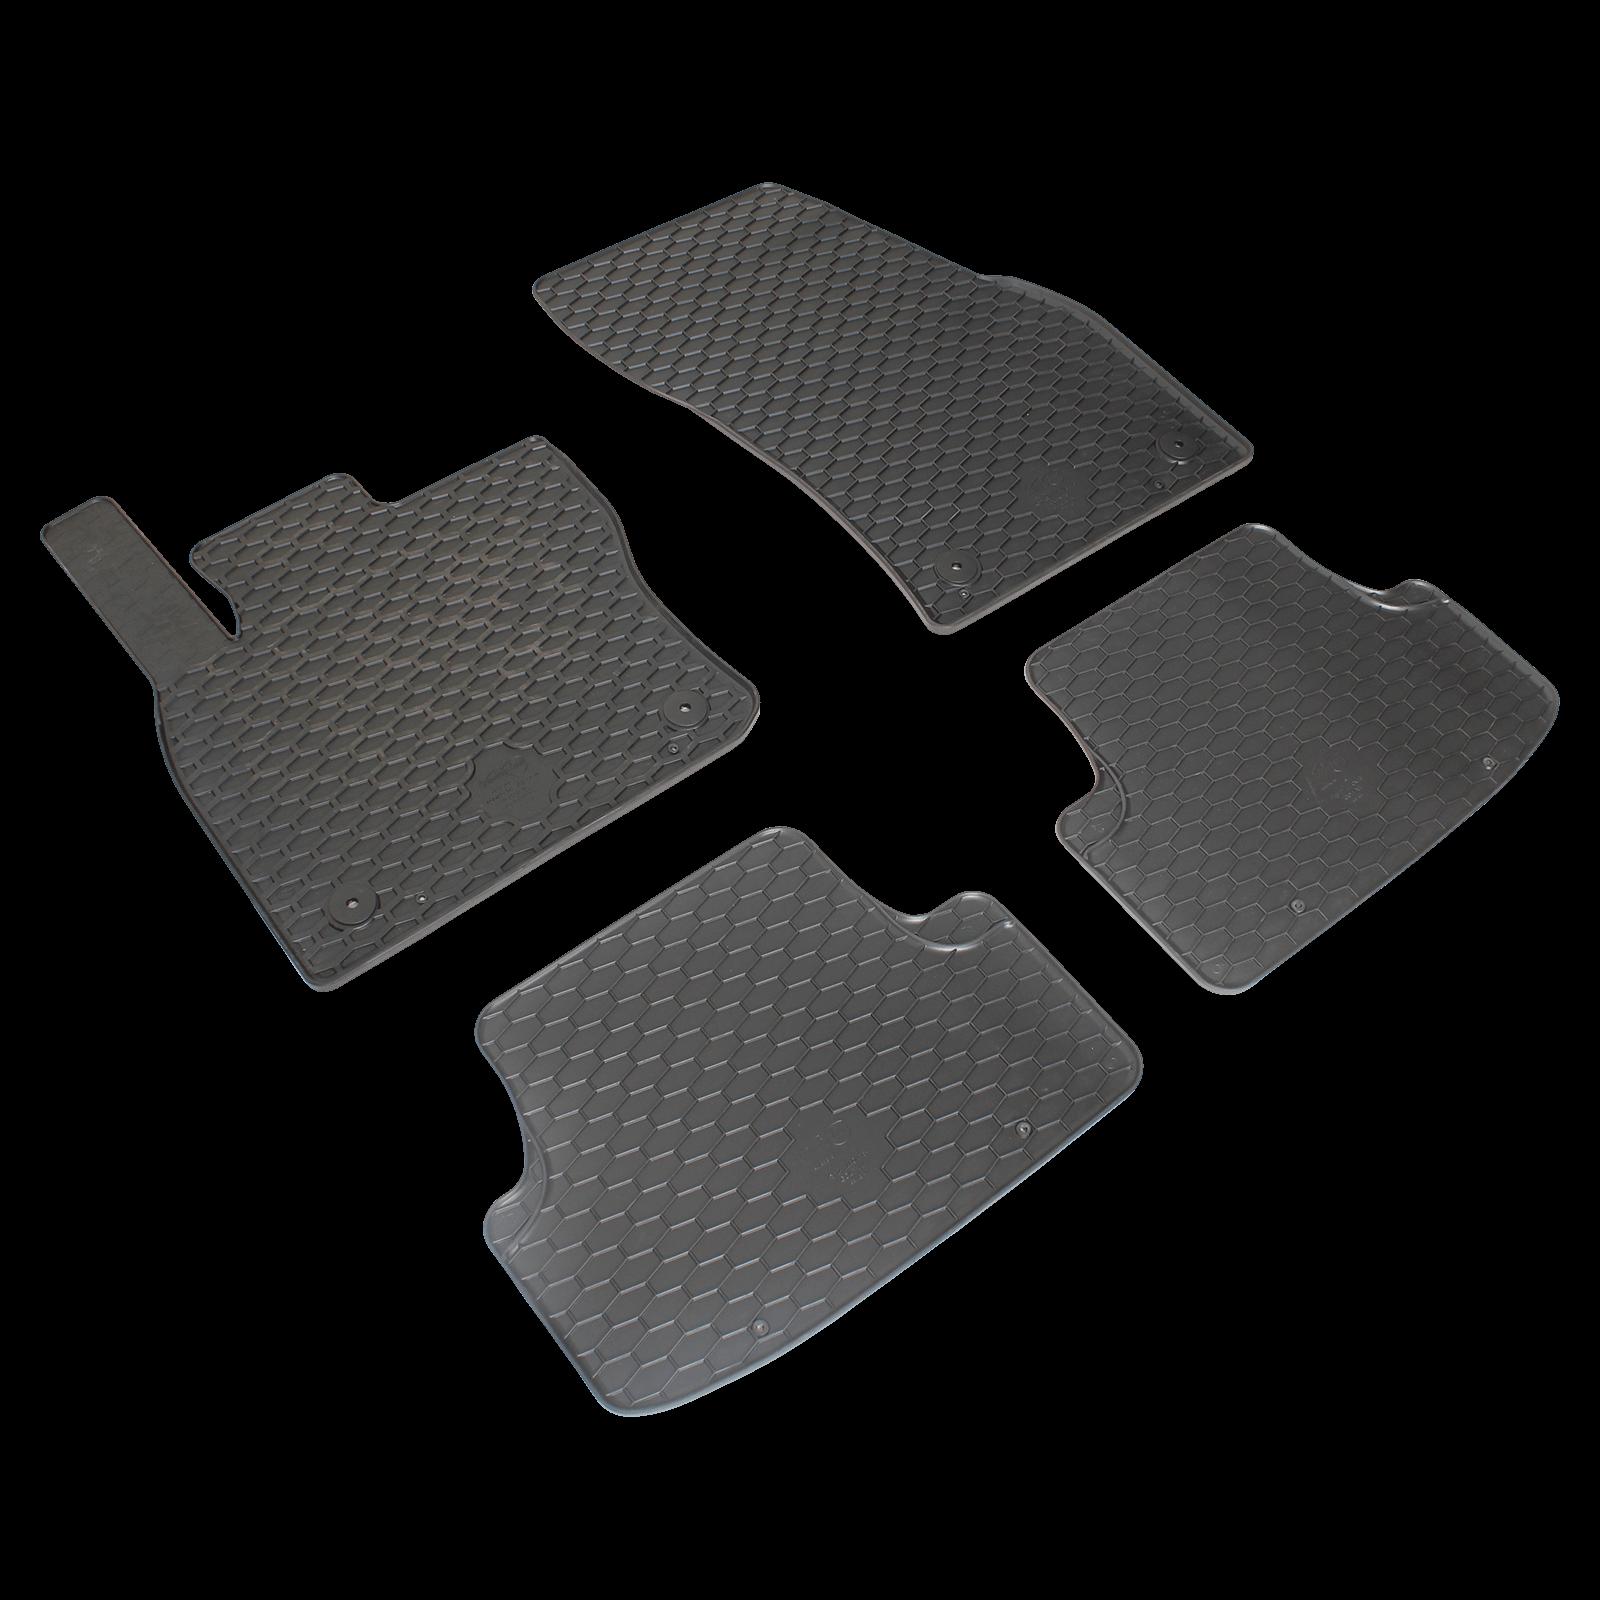 Tapis de sol en caoutchouc noir pour seat ateca bj - Tapis bureau transparent ...